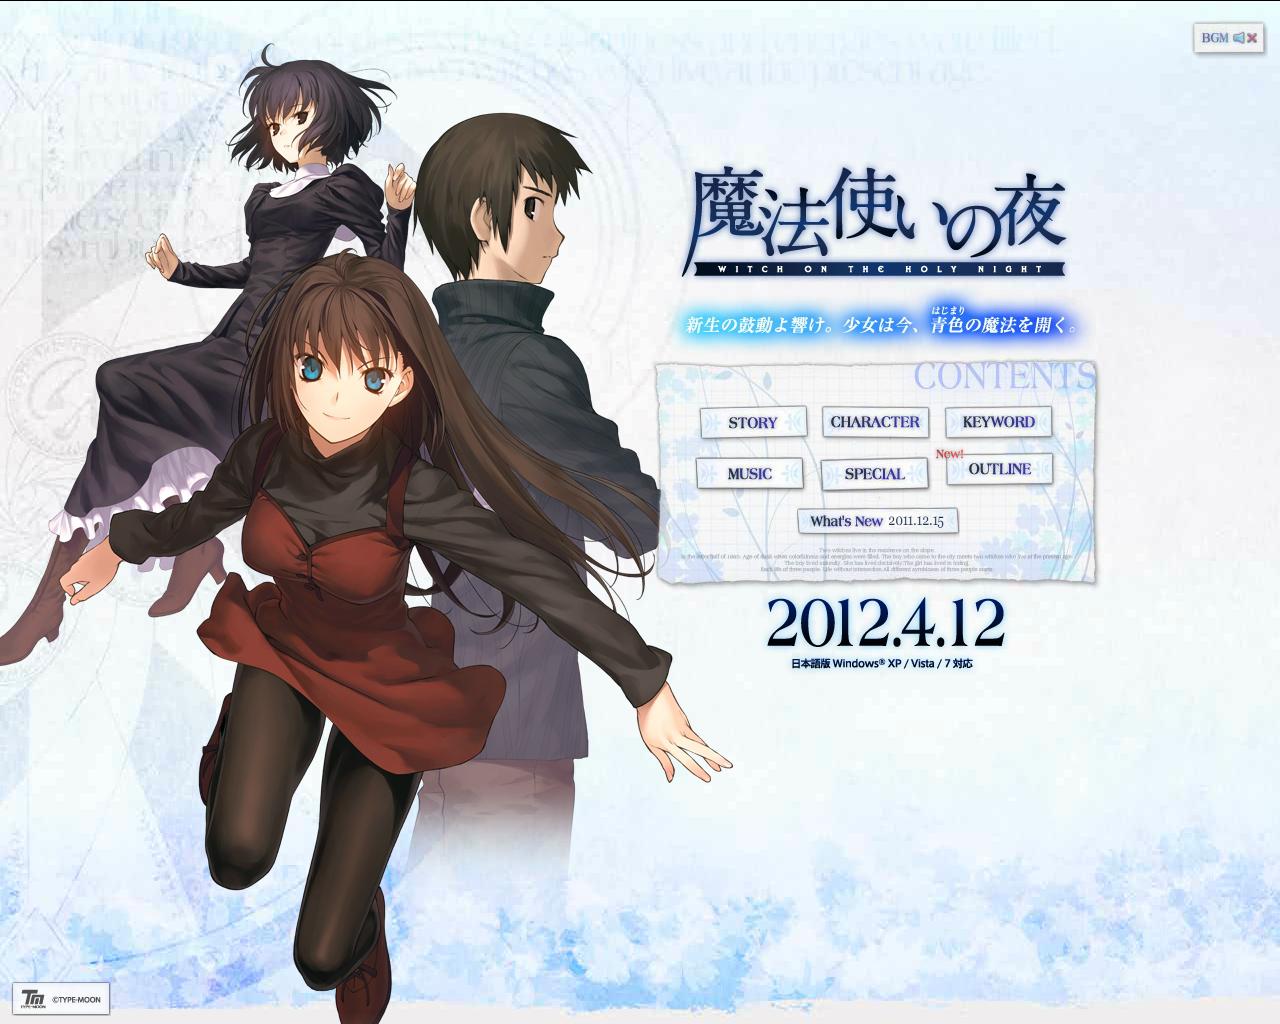 111216(1) - 美少女遊戲《魔法使いの夜》將在2012/4/12發售!台灣微軟Silverlight看板娘「藍澤光」第二彈進化再生!